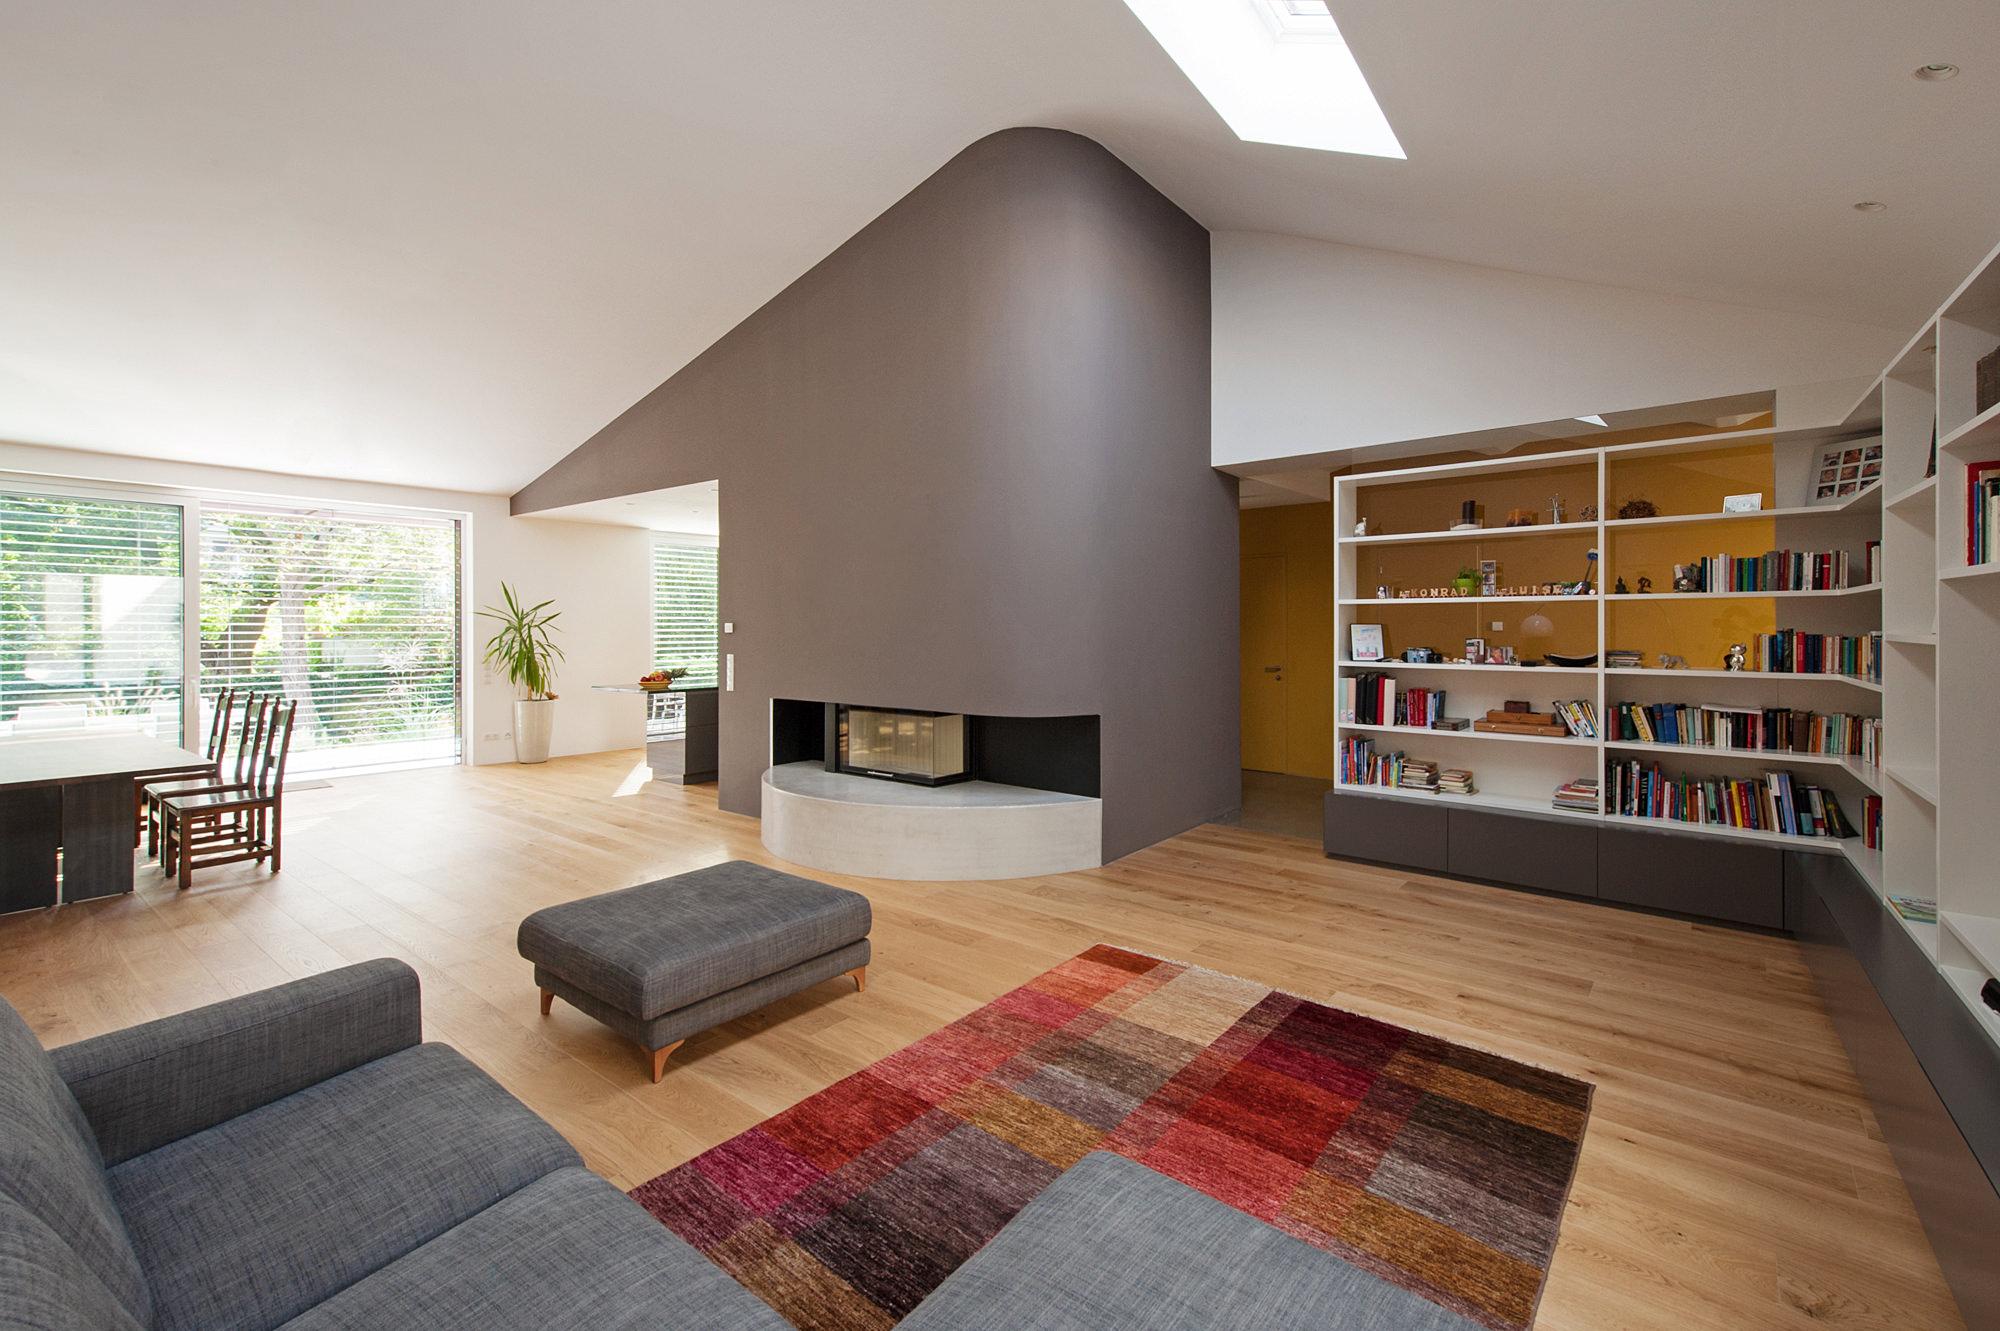 haus u 03 umbau und erweiterung einfamilienhaus 1190 wien junger beer architektur